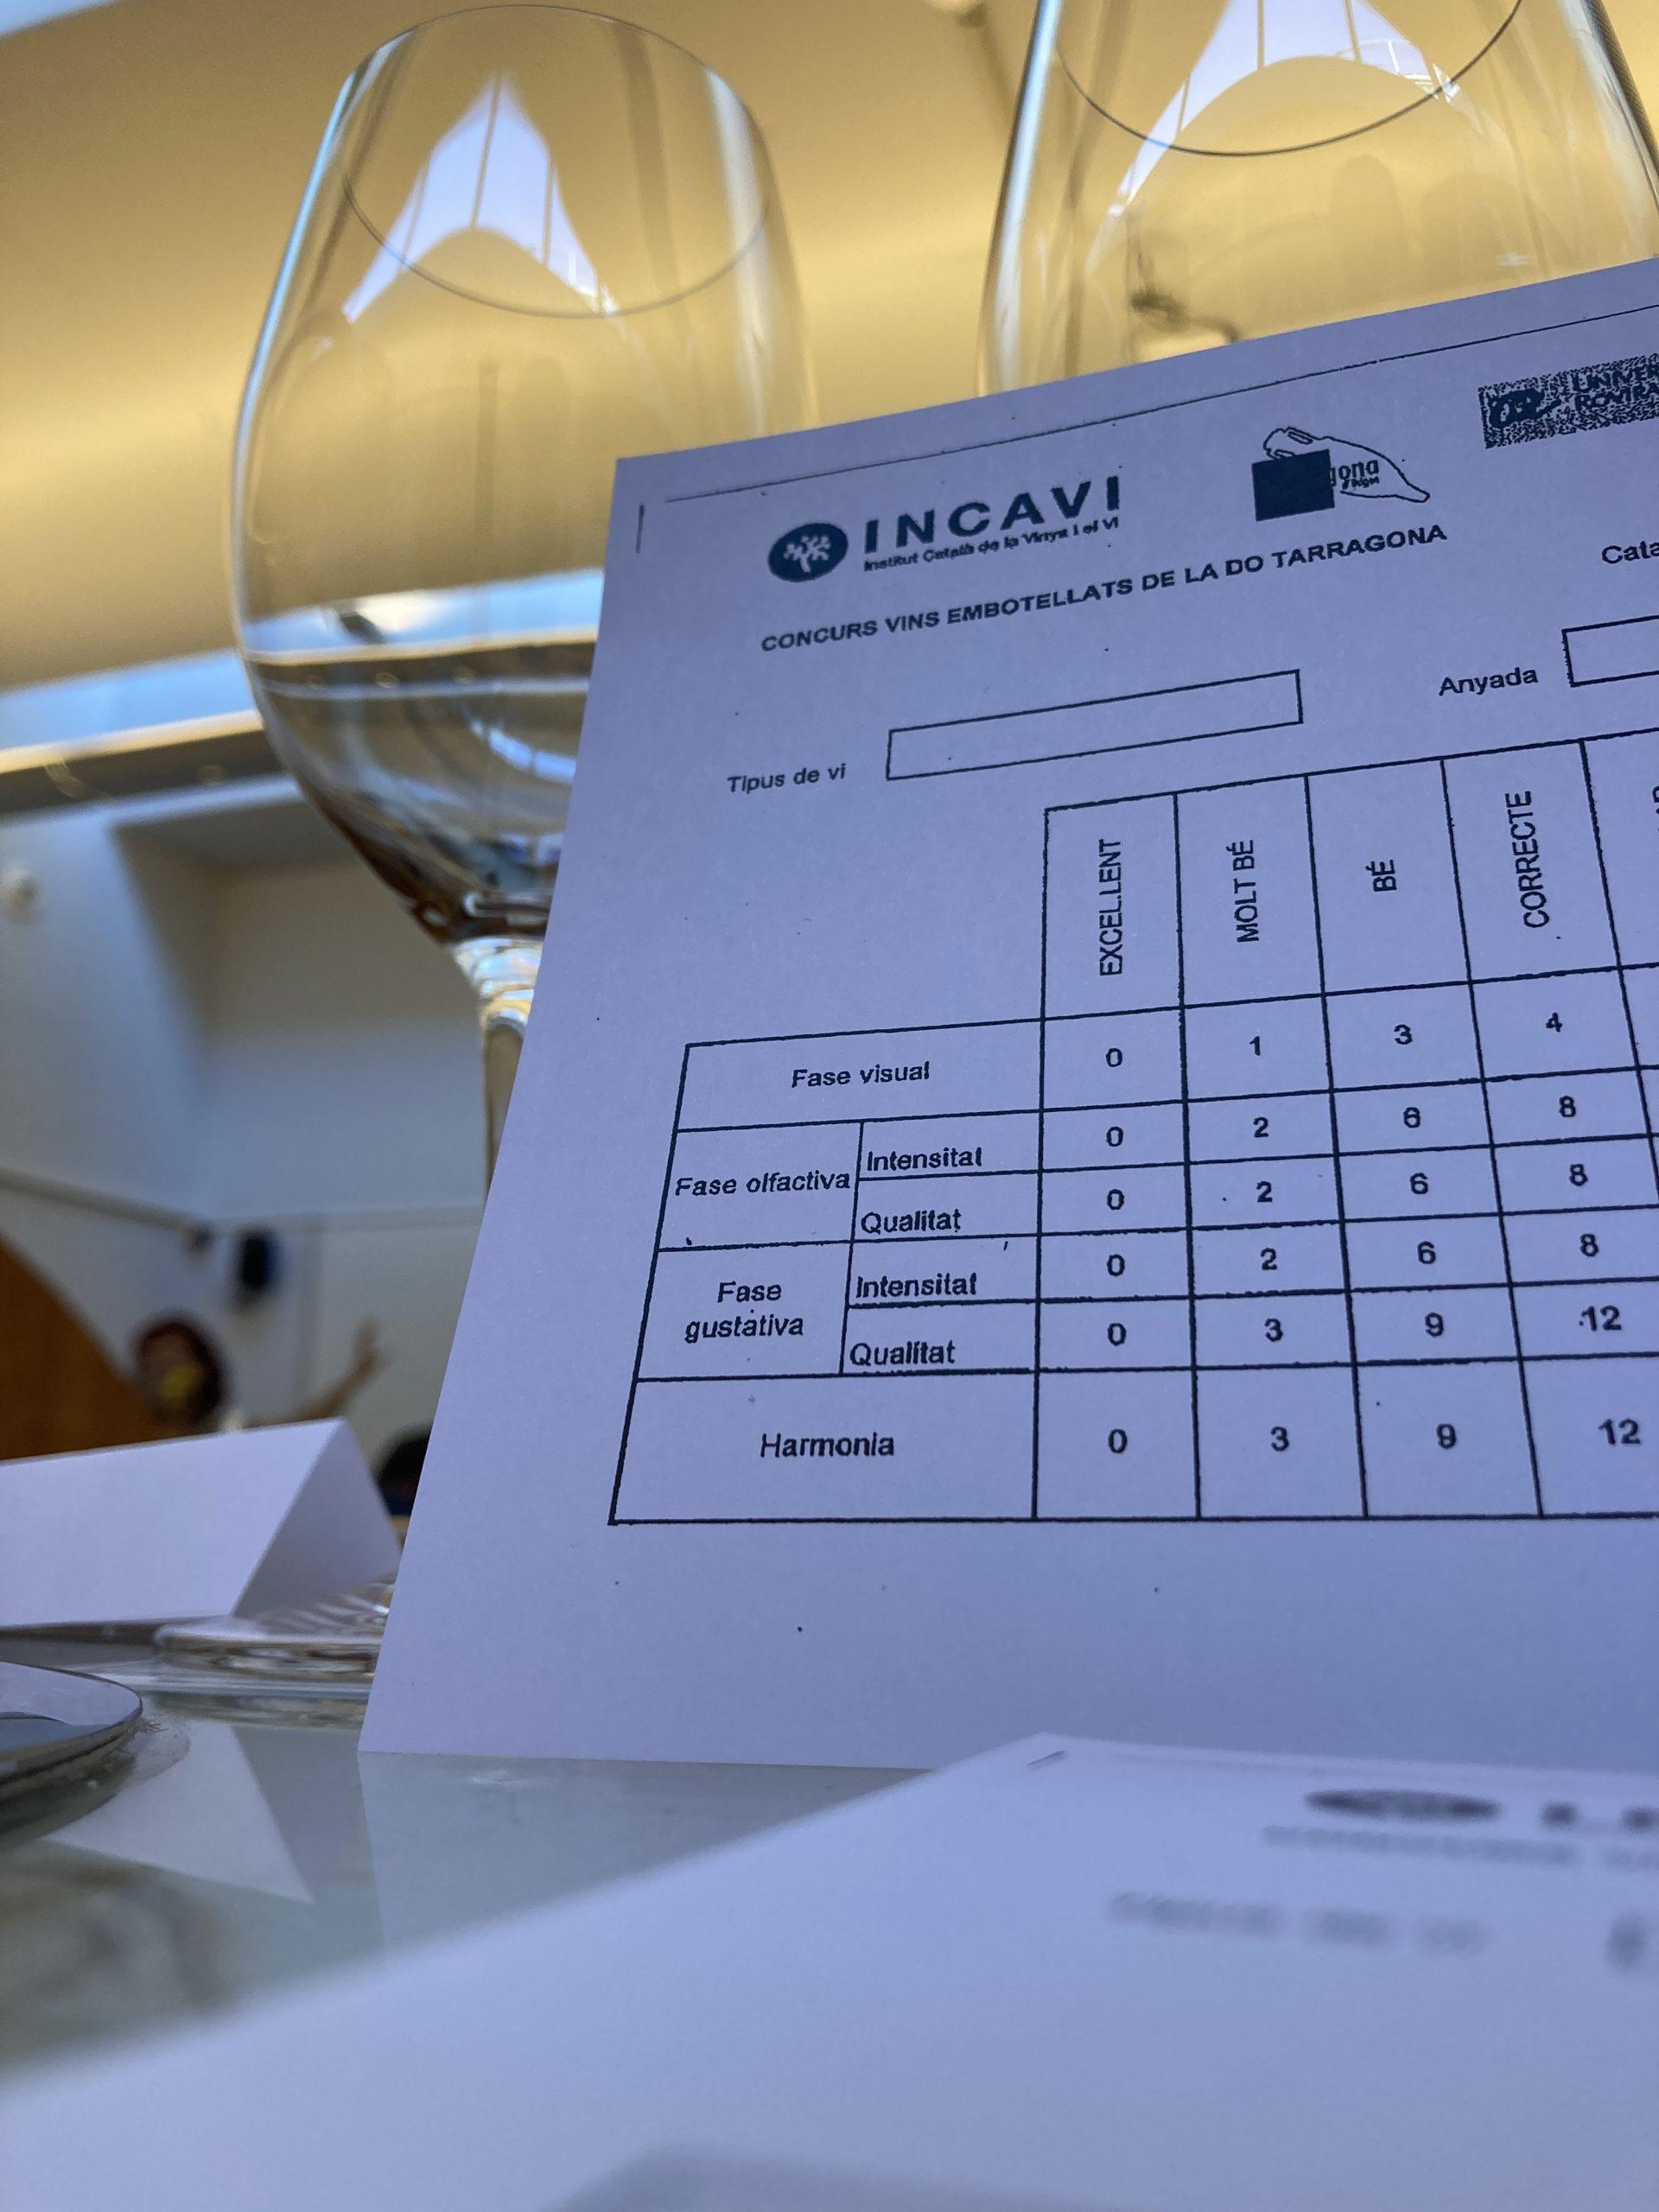 Concurs de vins embotellats de la DO Tarragona | E.V.